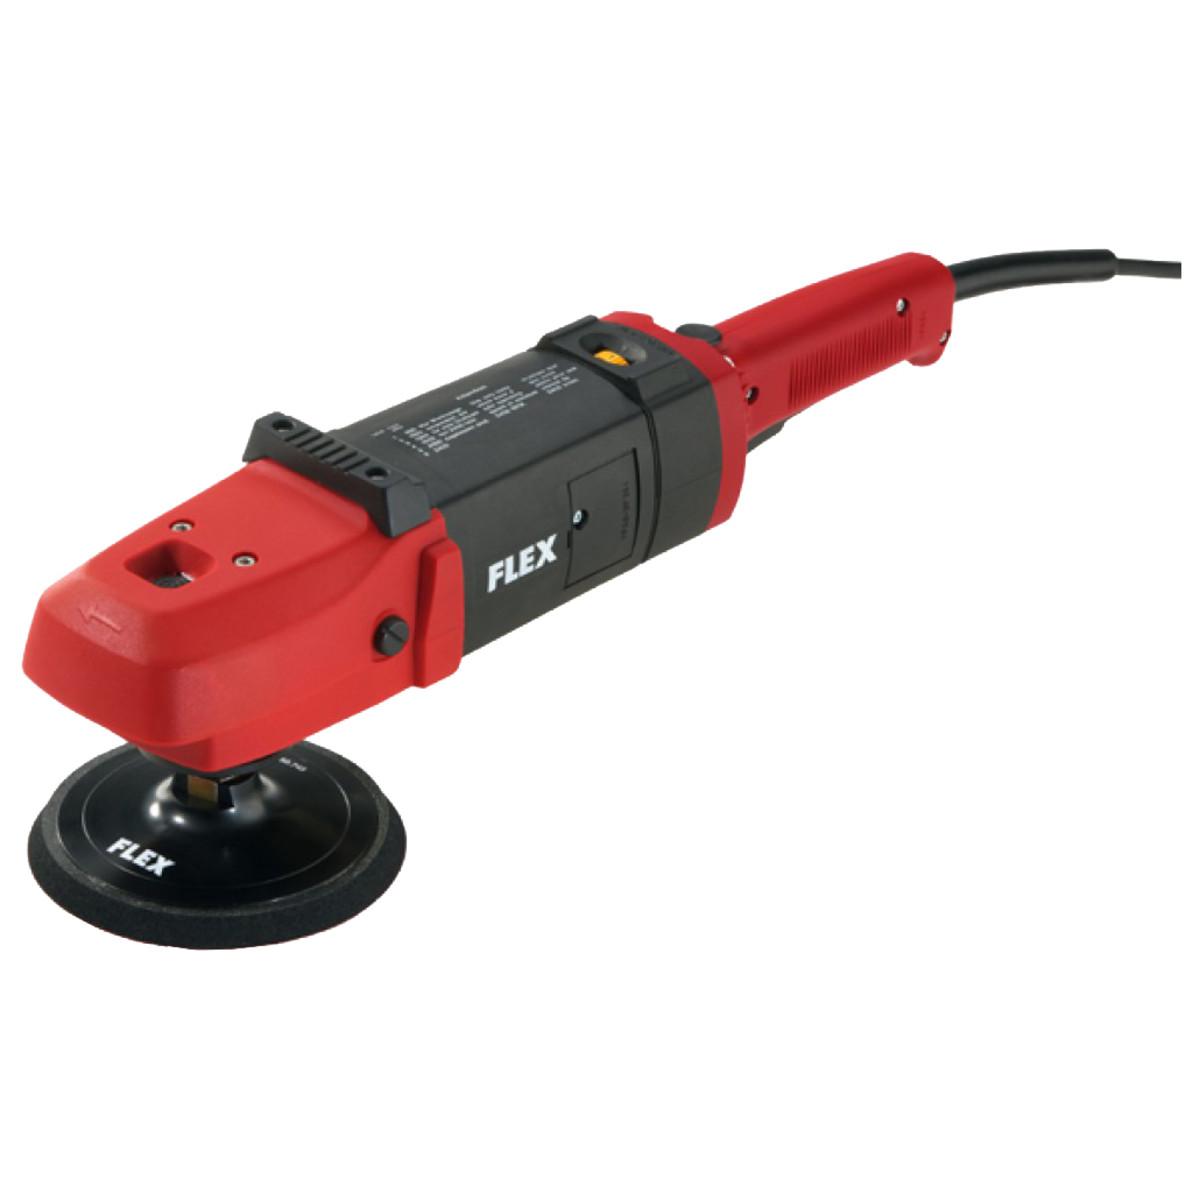 Сетевая полировальная машина Flex LK 602 VR 230/CEE